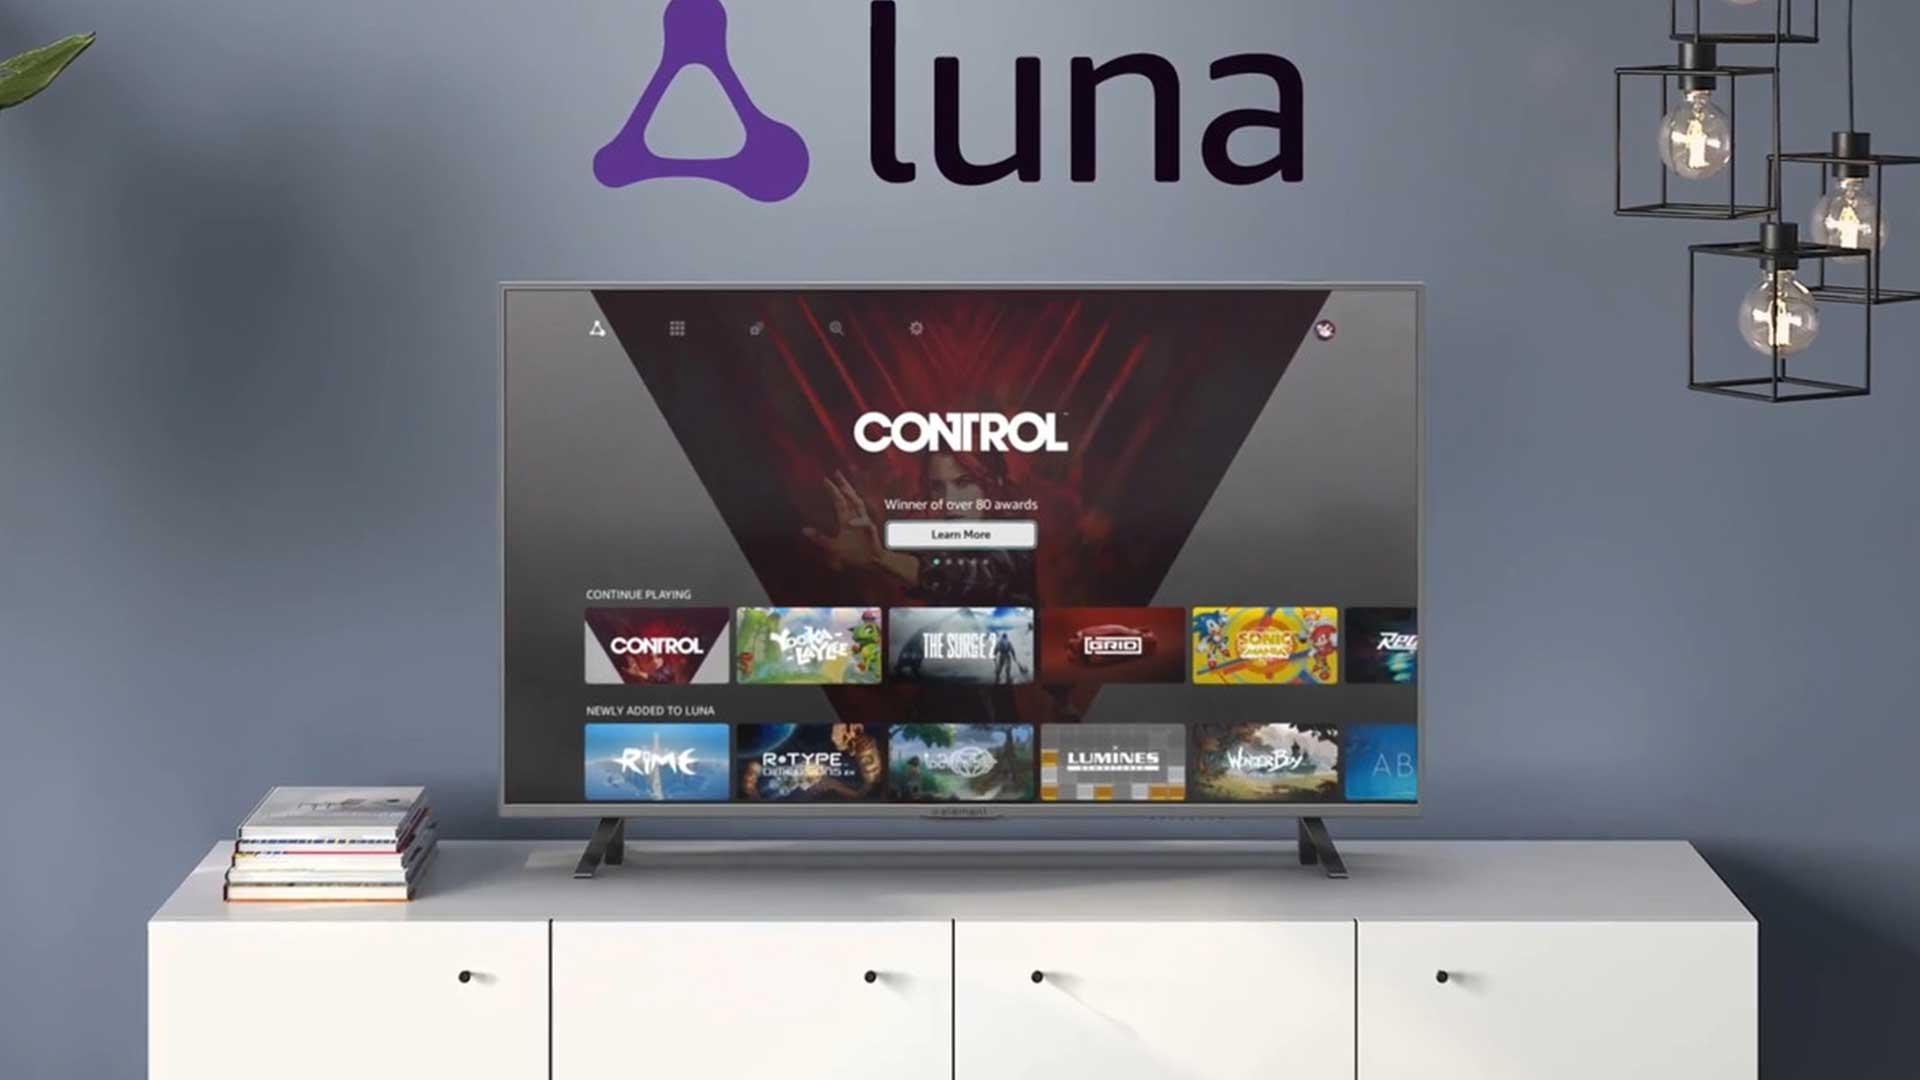 Luna games